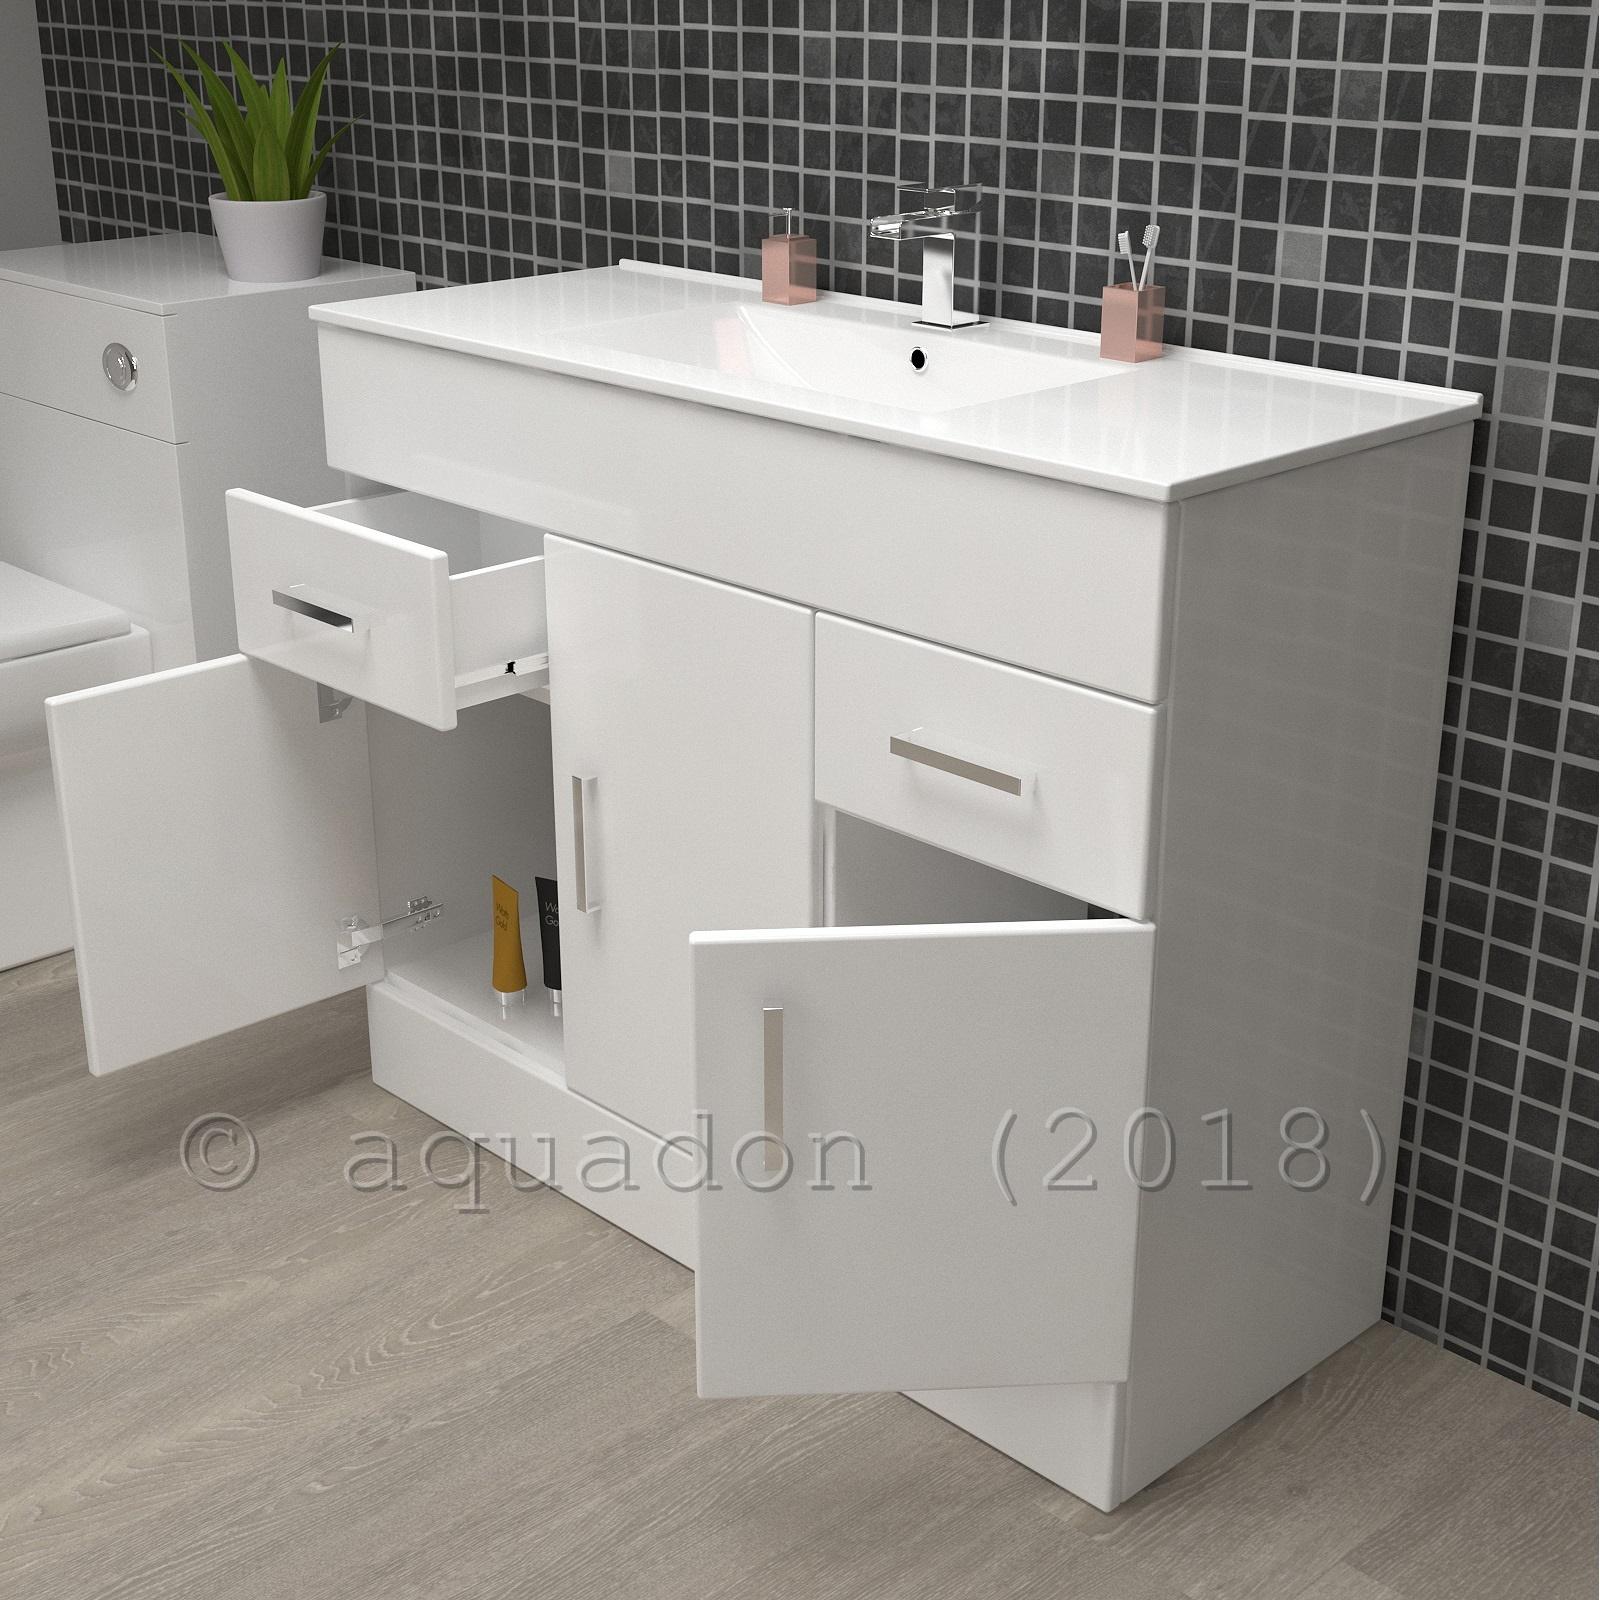 Minimalist Bathroom Vanity: Turin Bathroom Vanity Unit Square Minimalist Design White